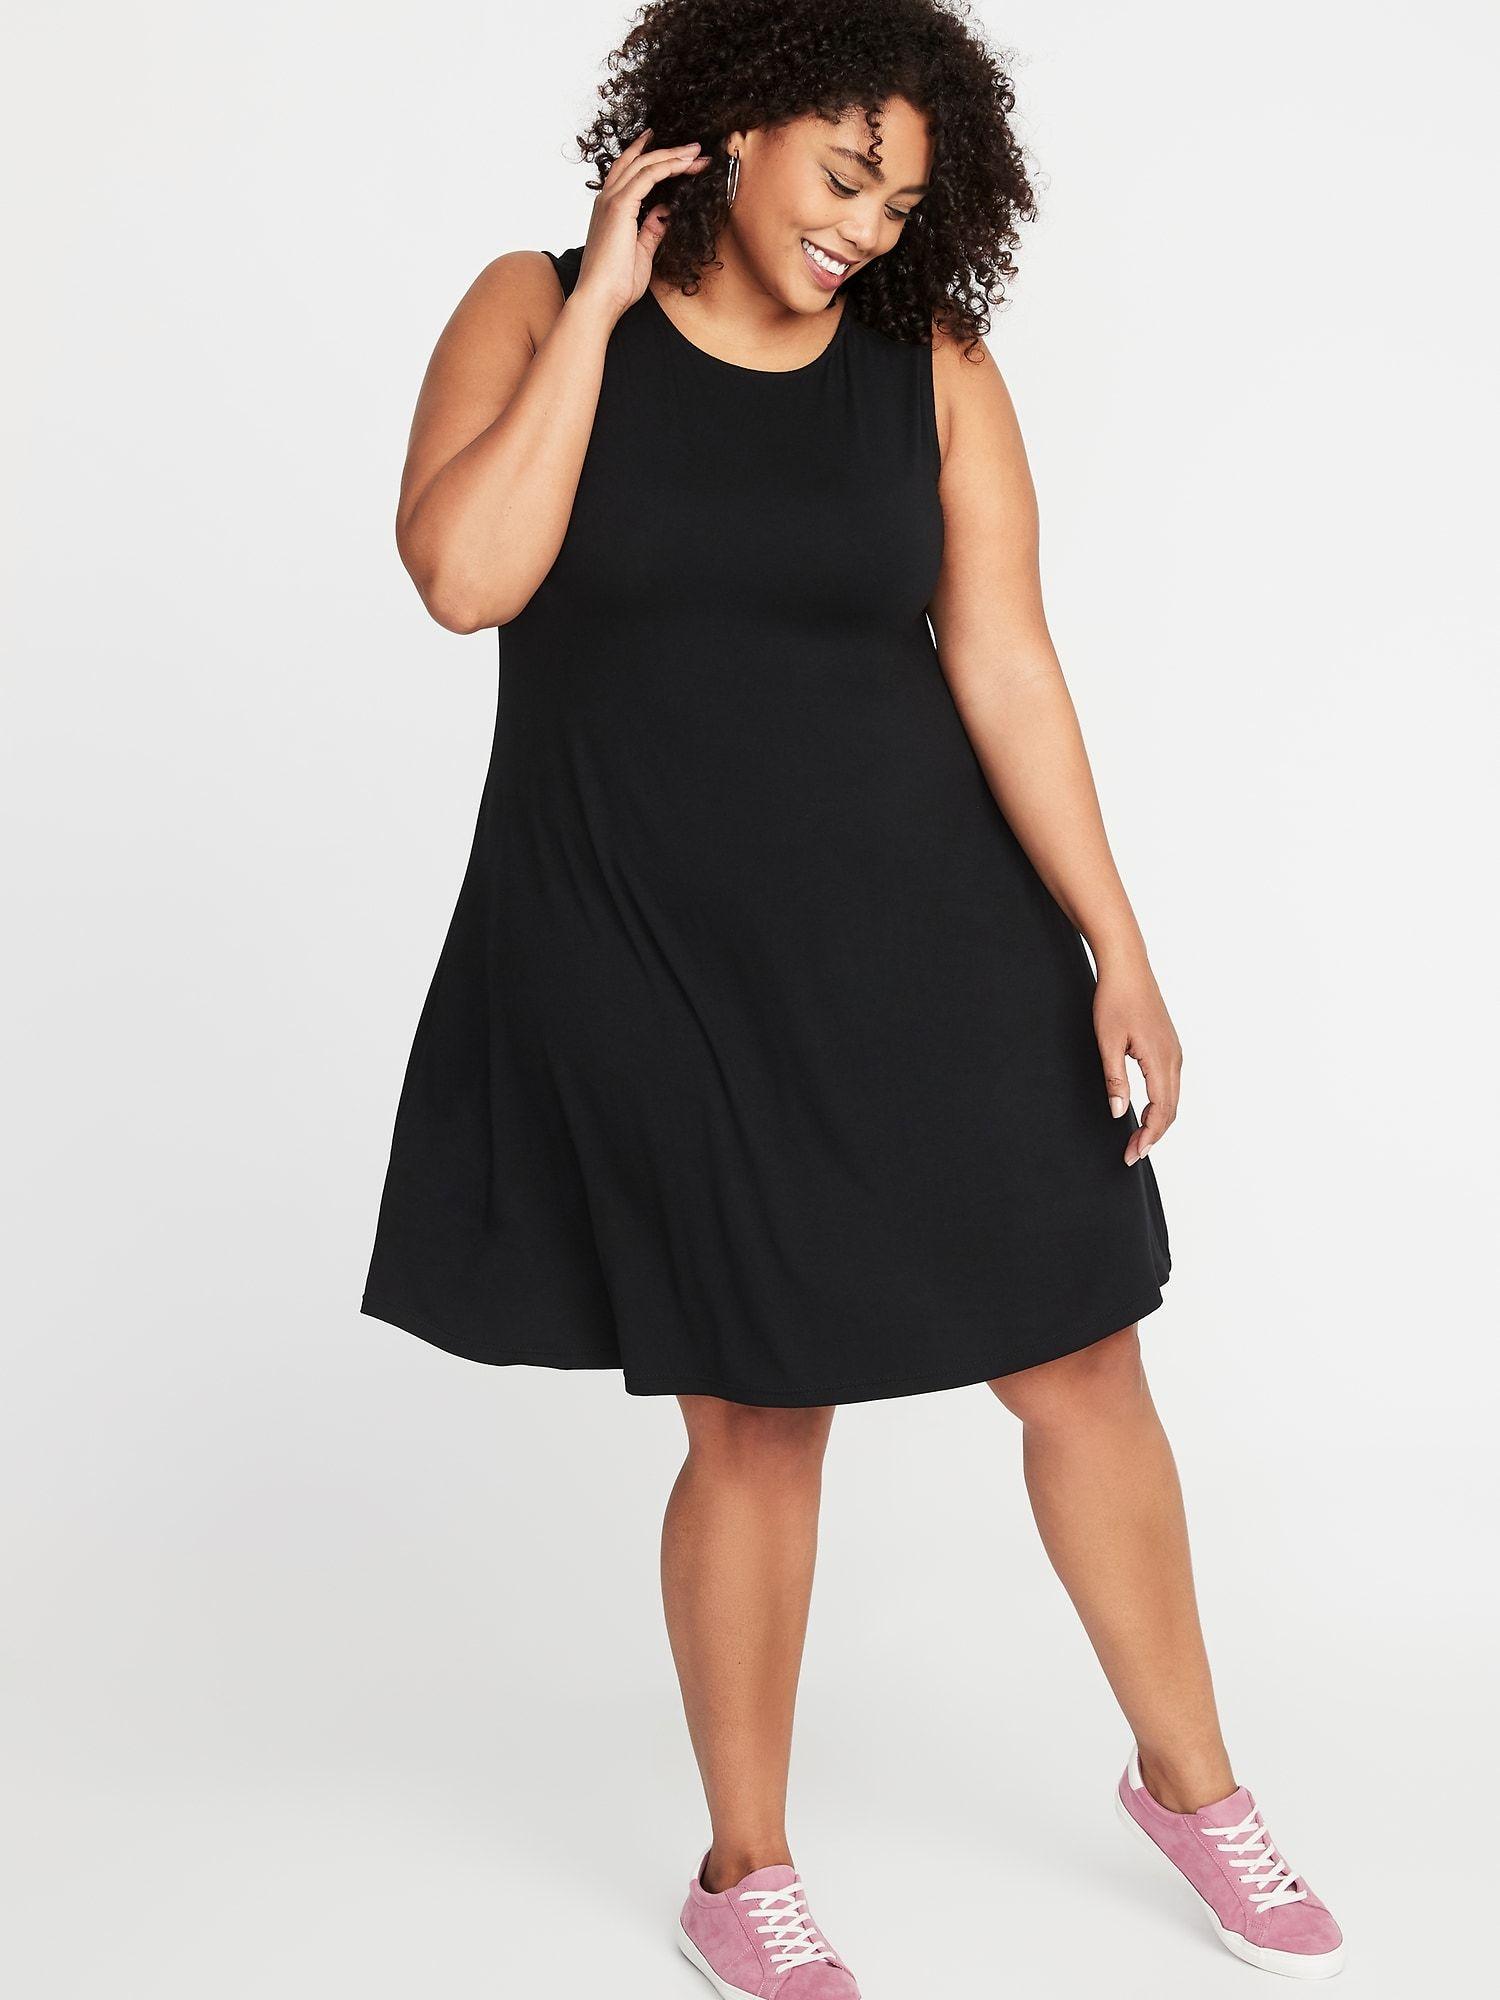 8c2d176de7c55 Sleeveless Plus-Size Jersey Swing Dress in 2019 | /// S T Y L E ...